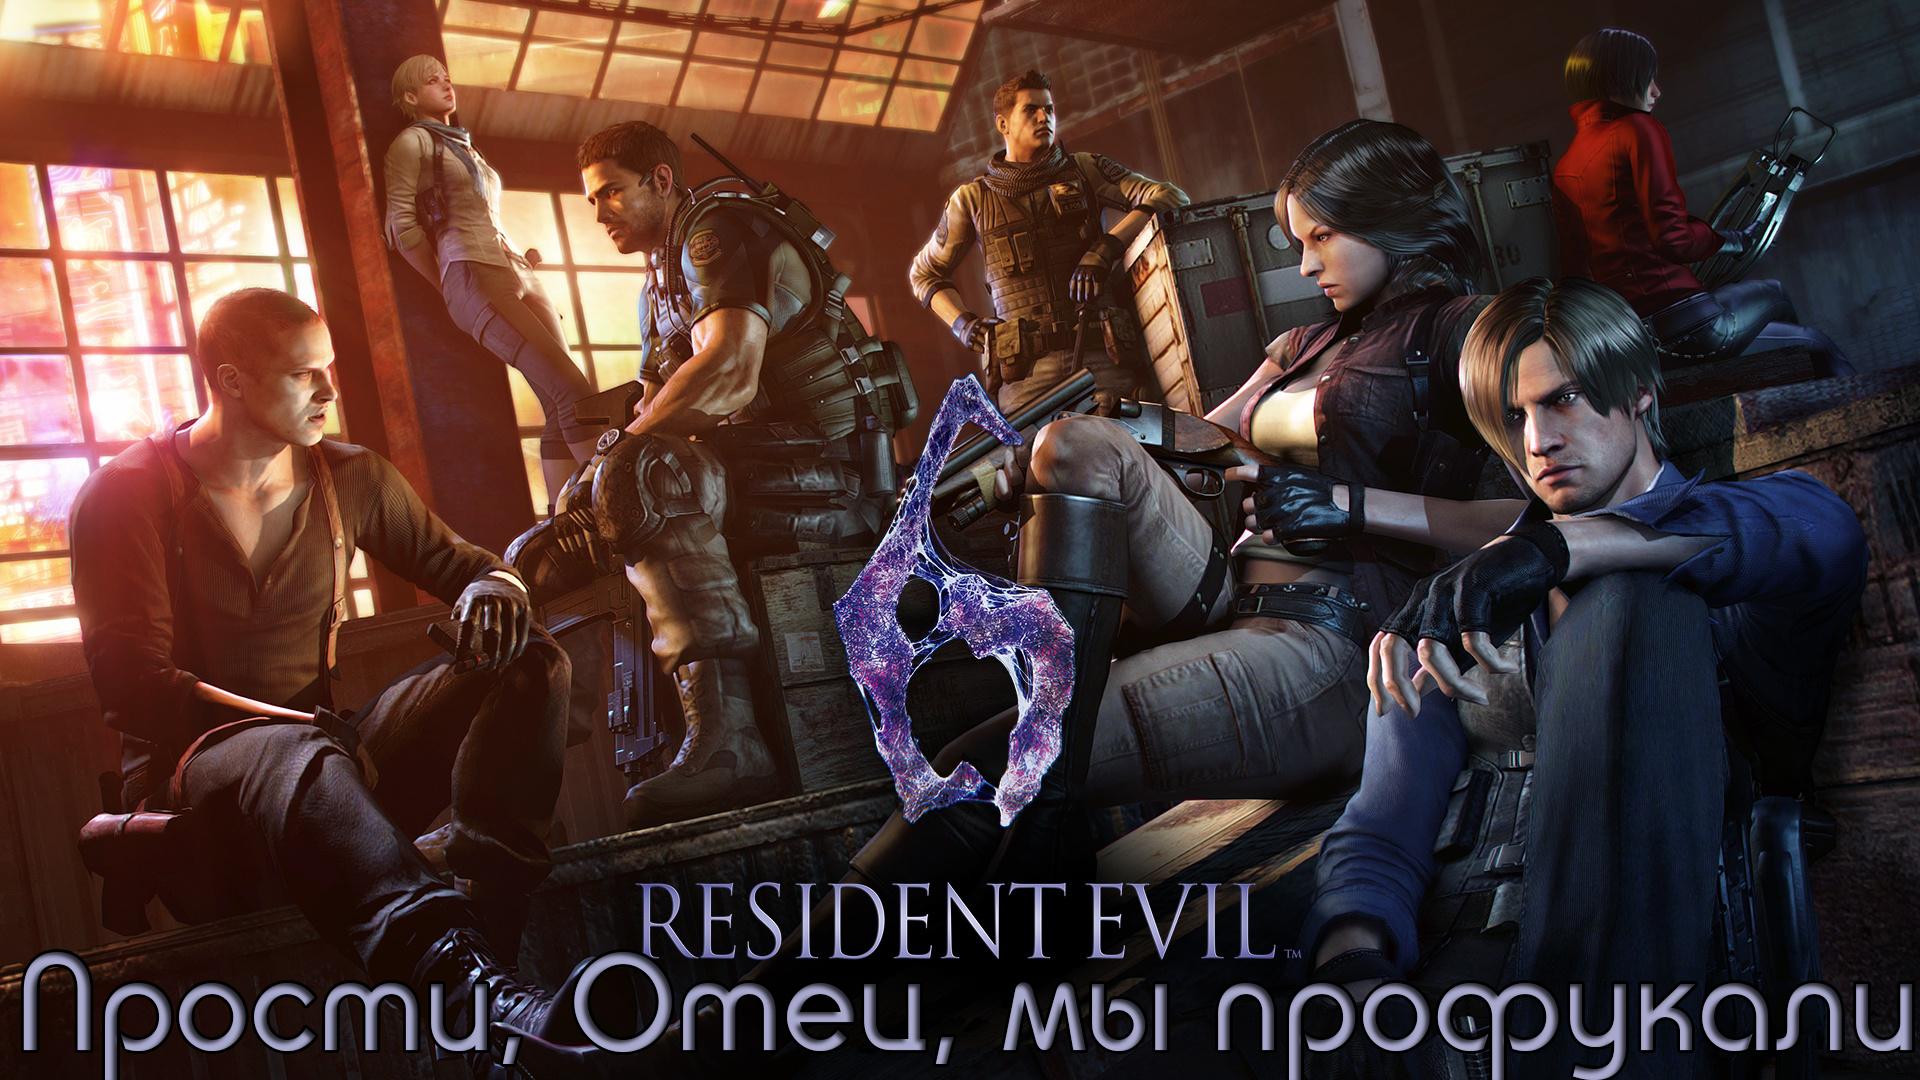 Прости, Отец, мы профукали Resident Evil 6 [часть 4] - Изображение 1